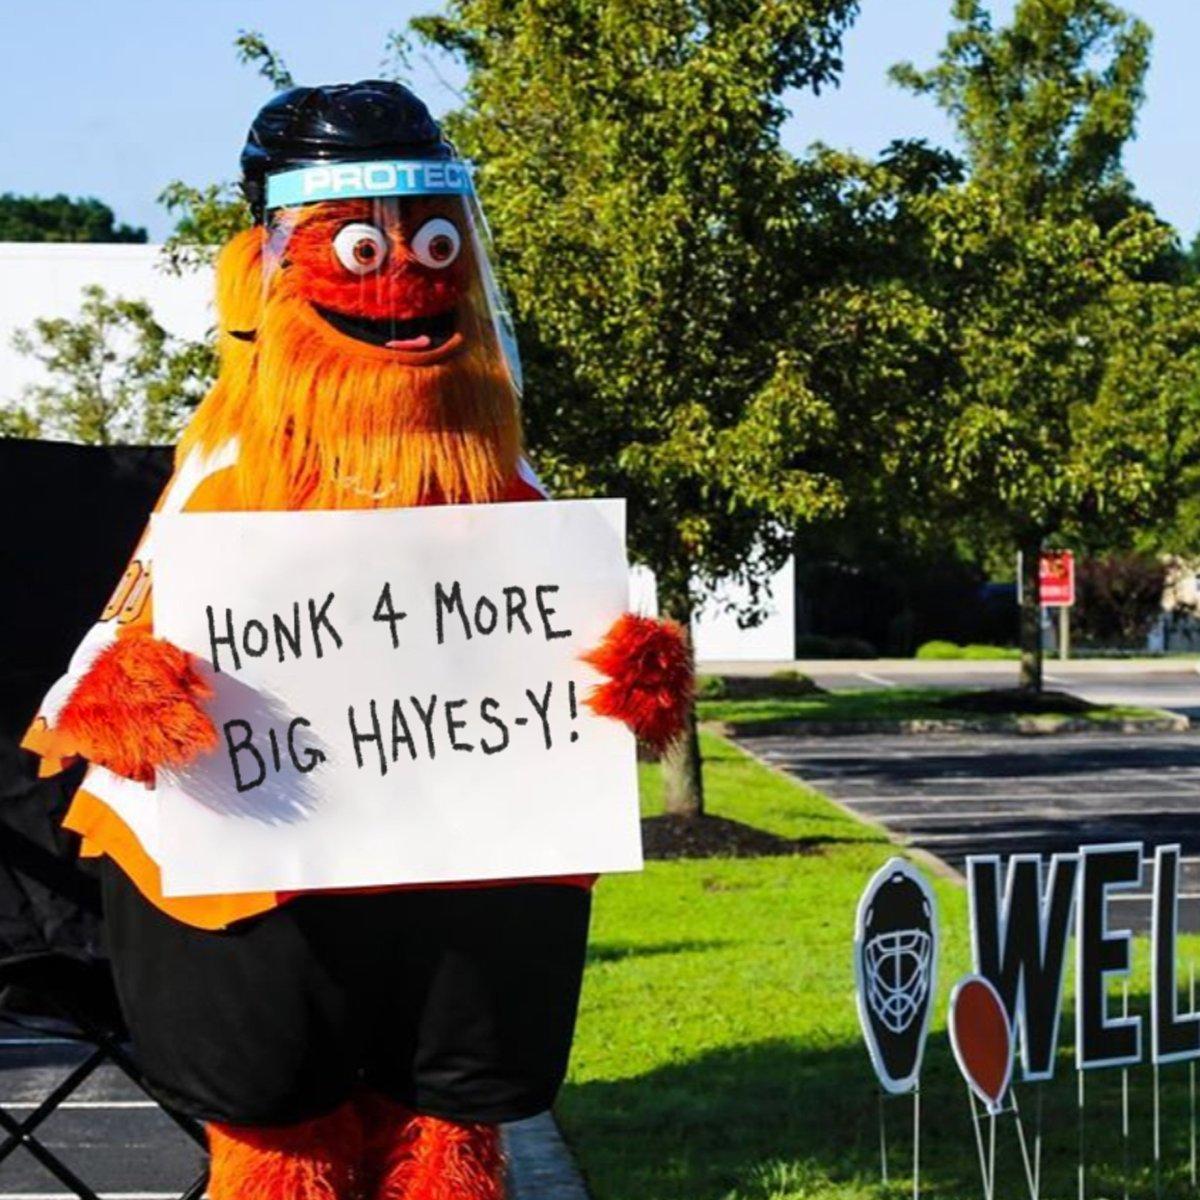 Replying to @yardsbrew: HONK 4 MORE BIG HAYES-Y!